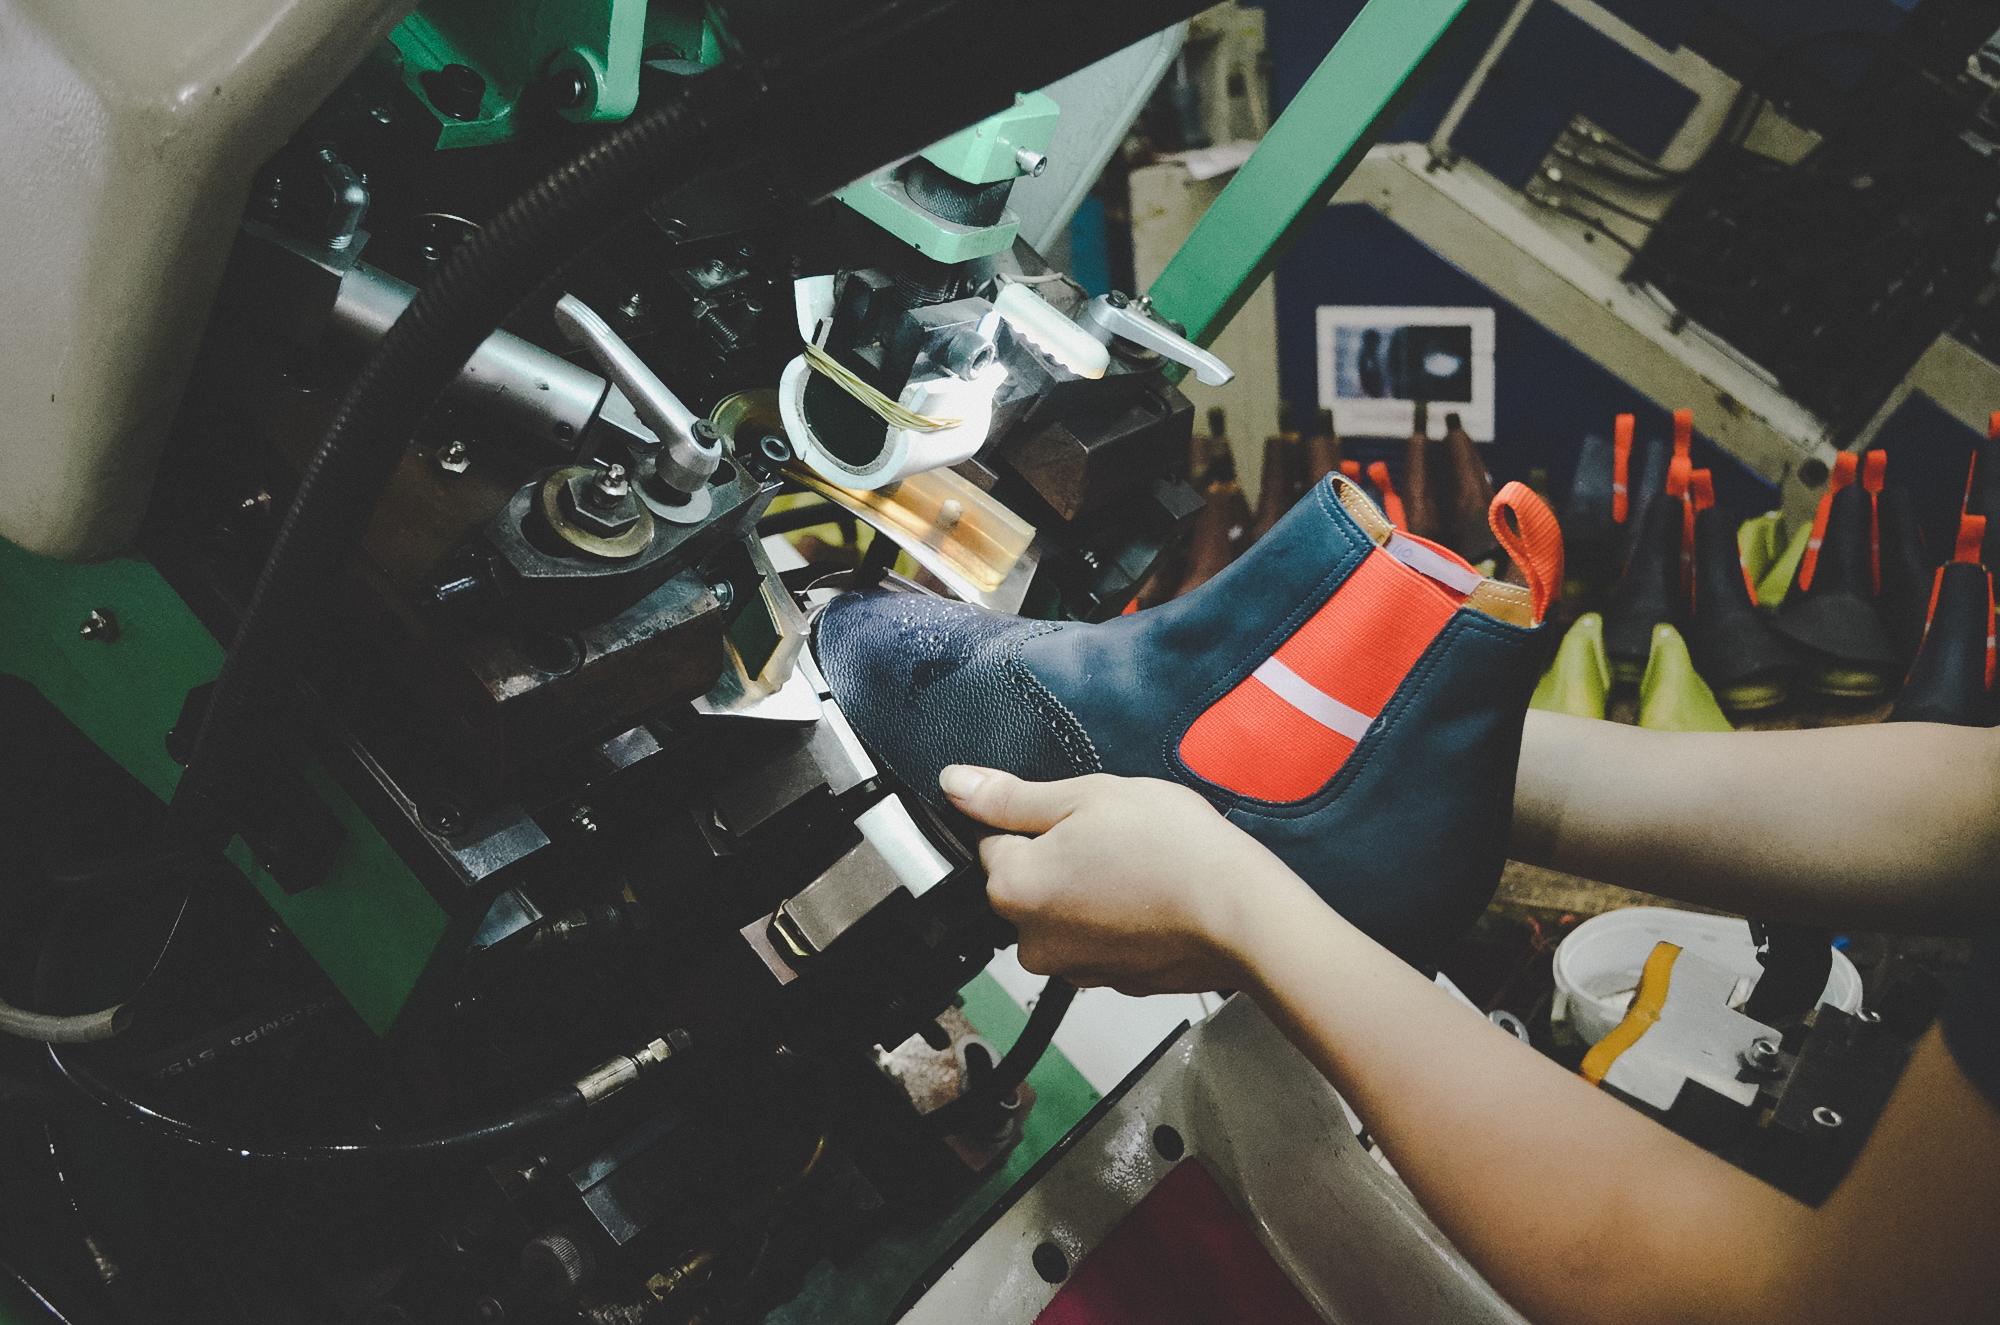 Nơi robot không thay thế được con người: 150 nhân công, 300 đôi giày thủ công cao cấp mỗi ngày và ước mơ khởi nghiệp của doanh nhân Miền Tây sinh năm 1976 - Ảnh 9.